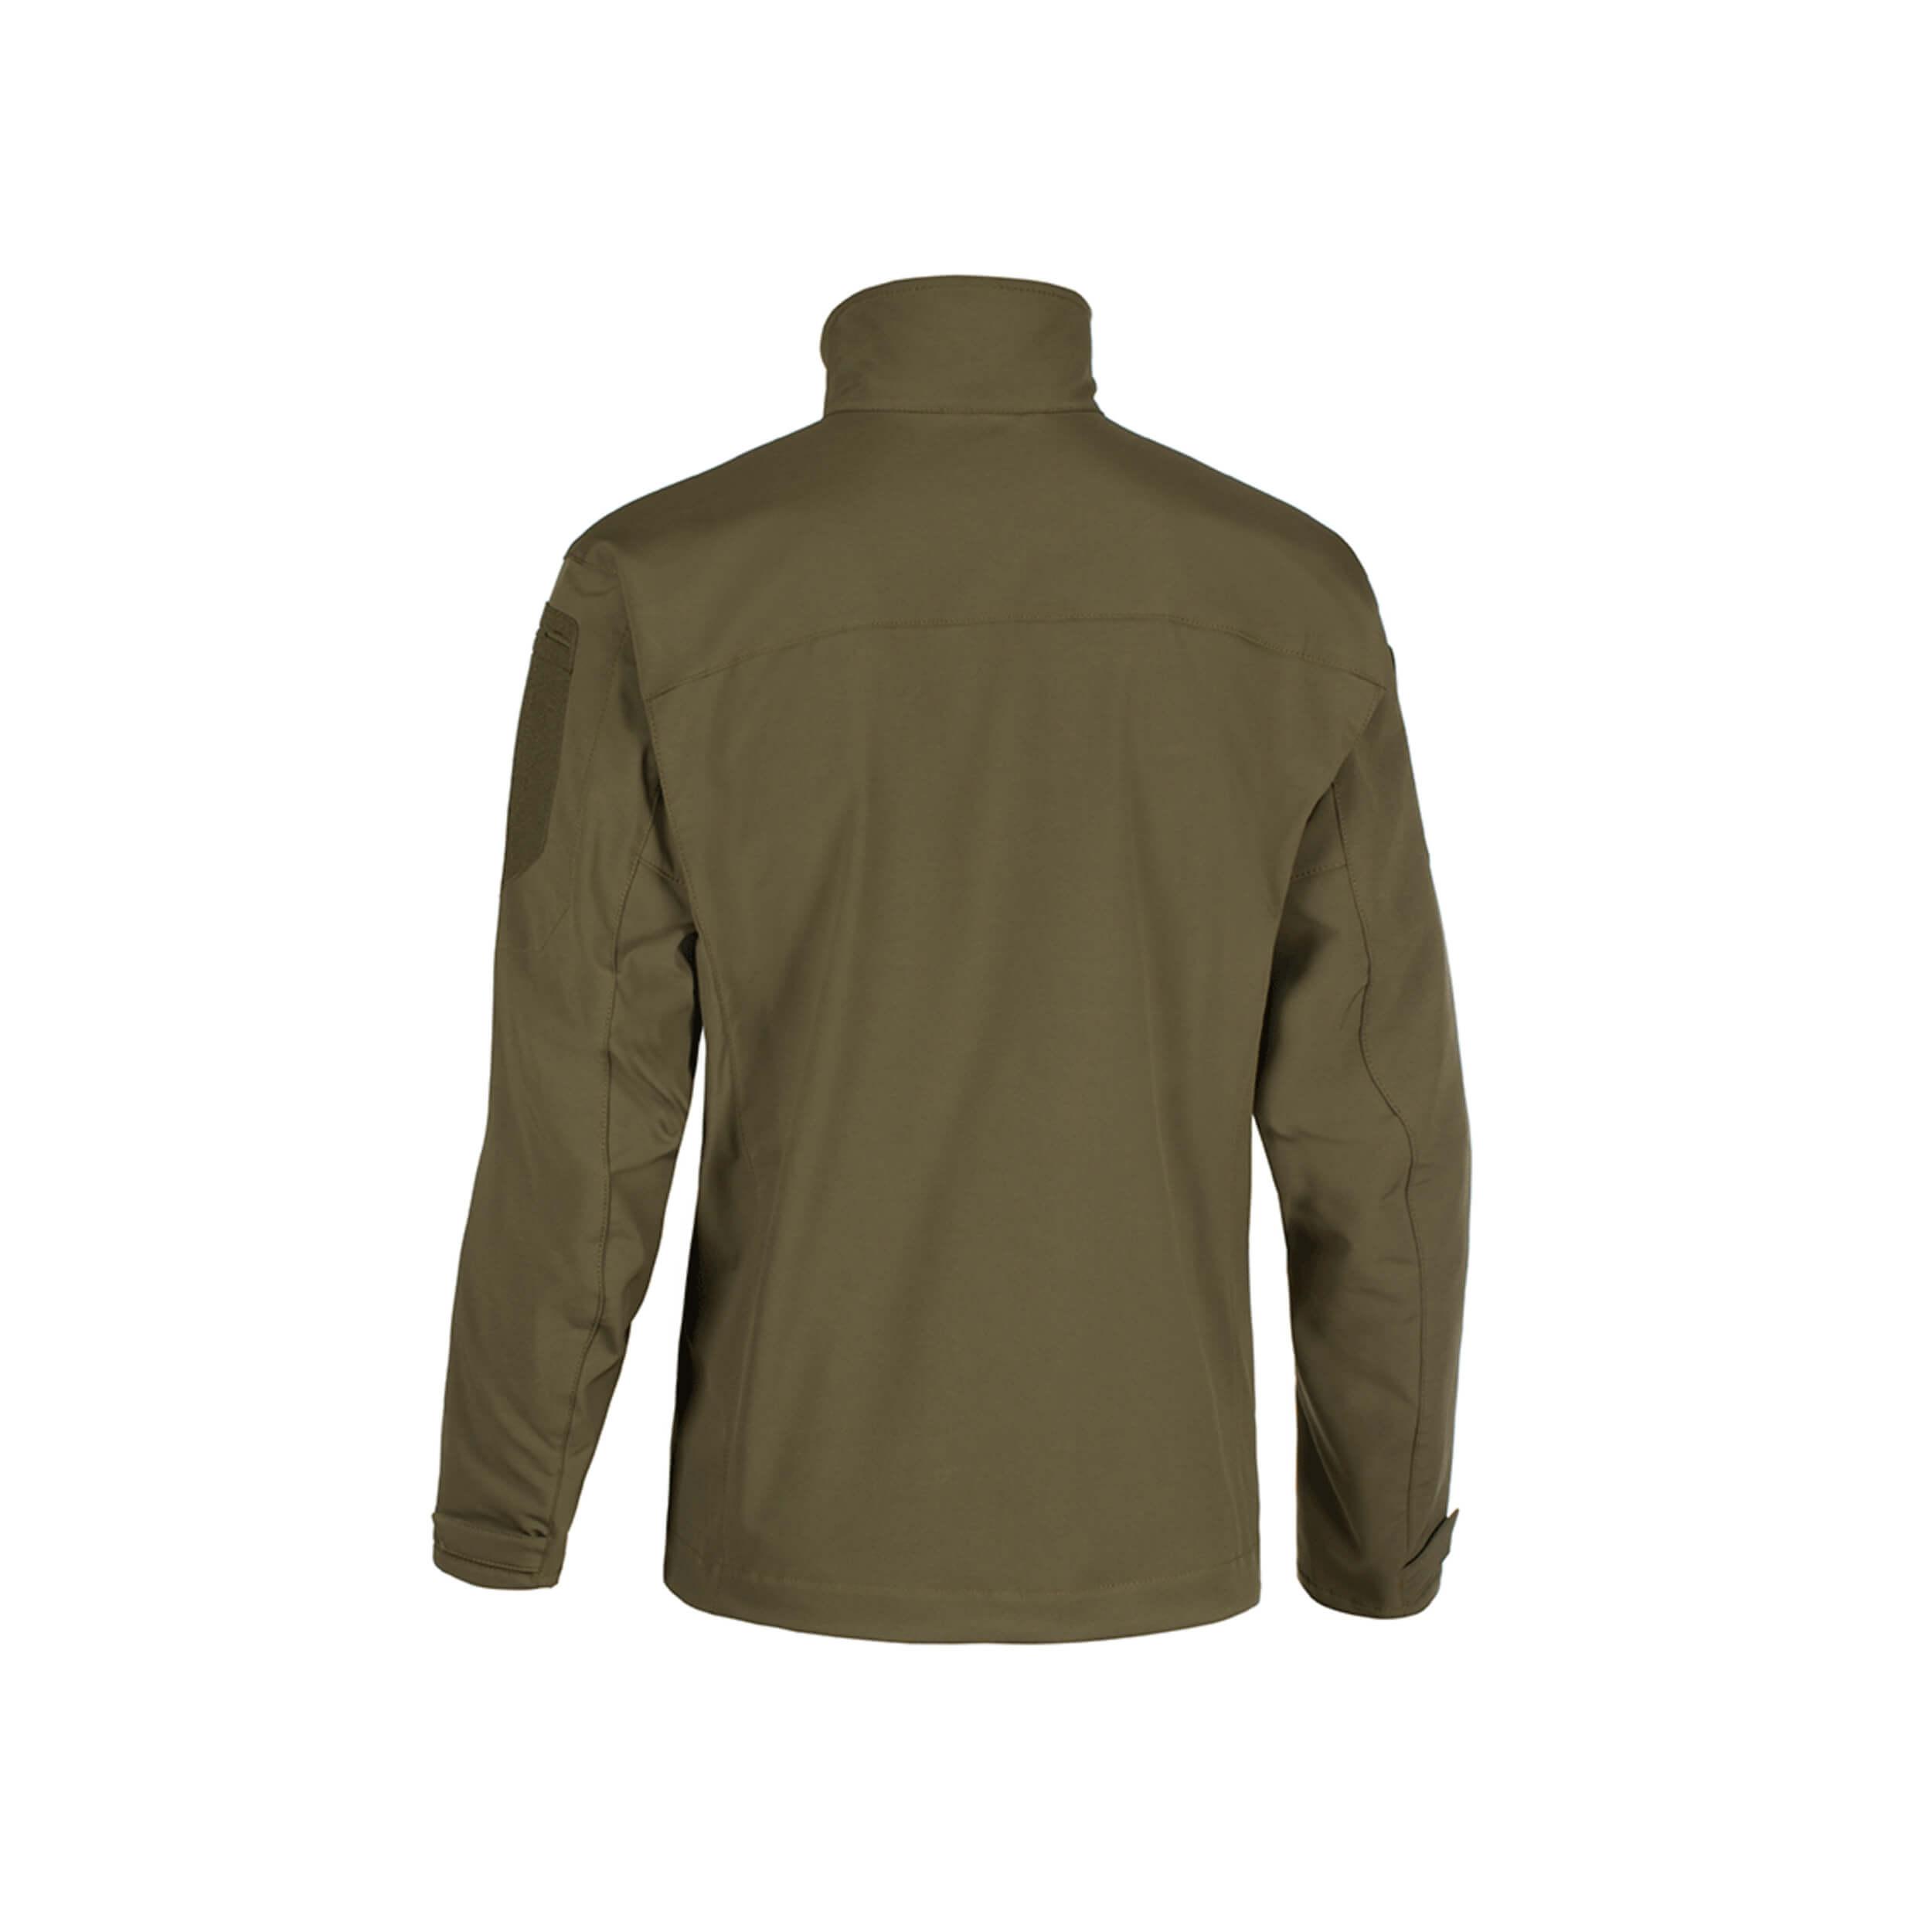 Clawgear Rapax Softshell Jacke RAL7013